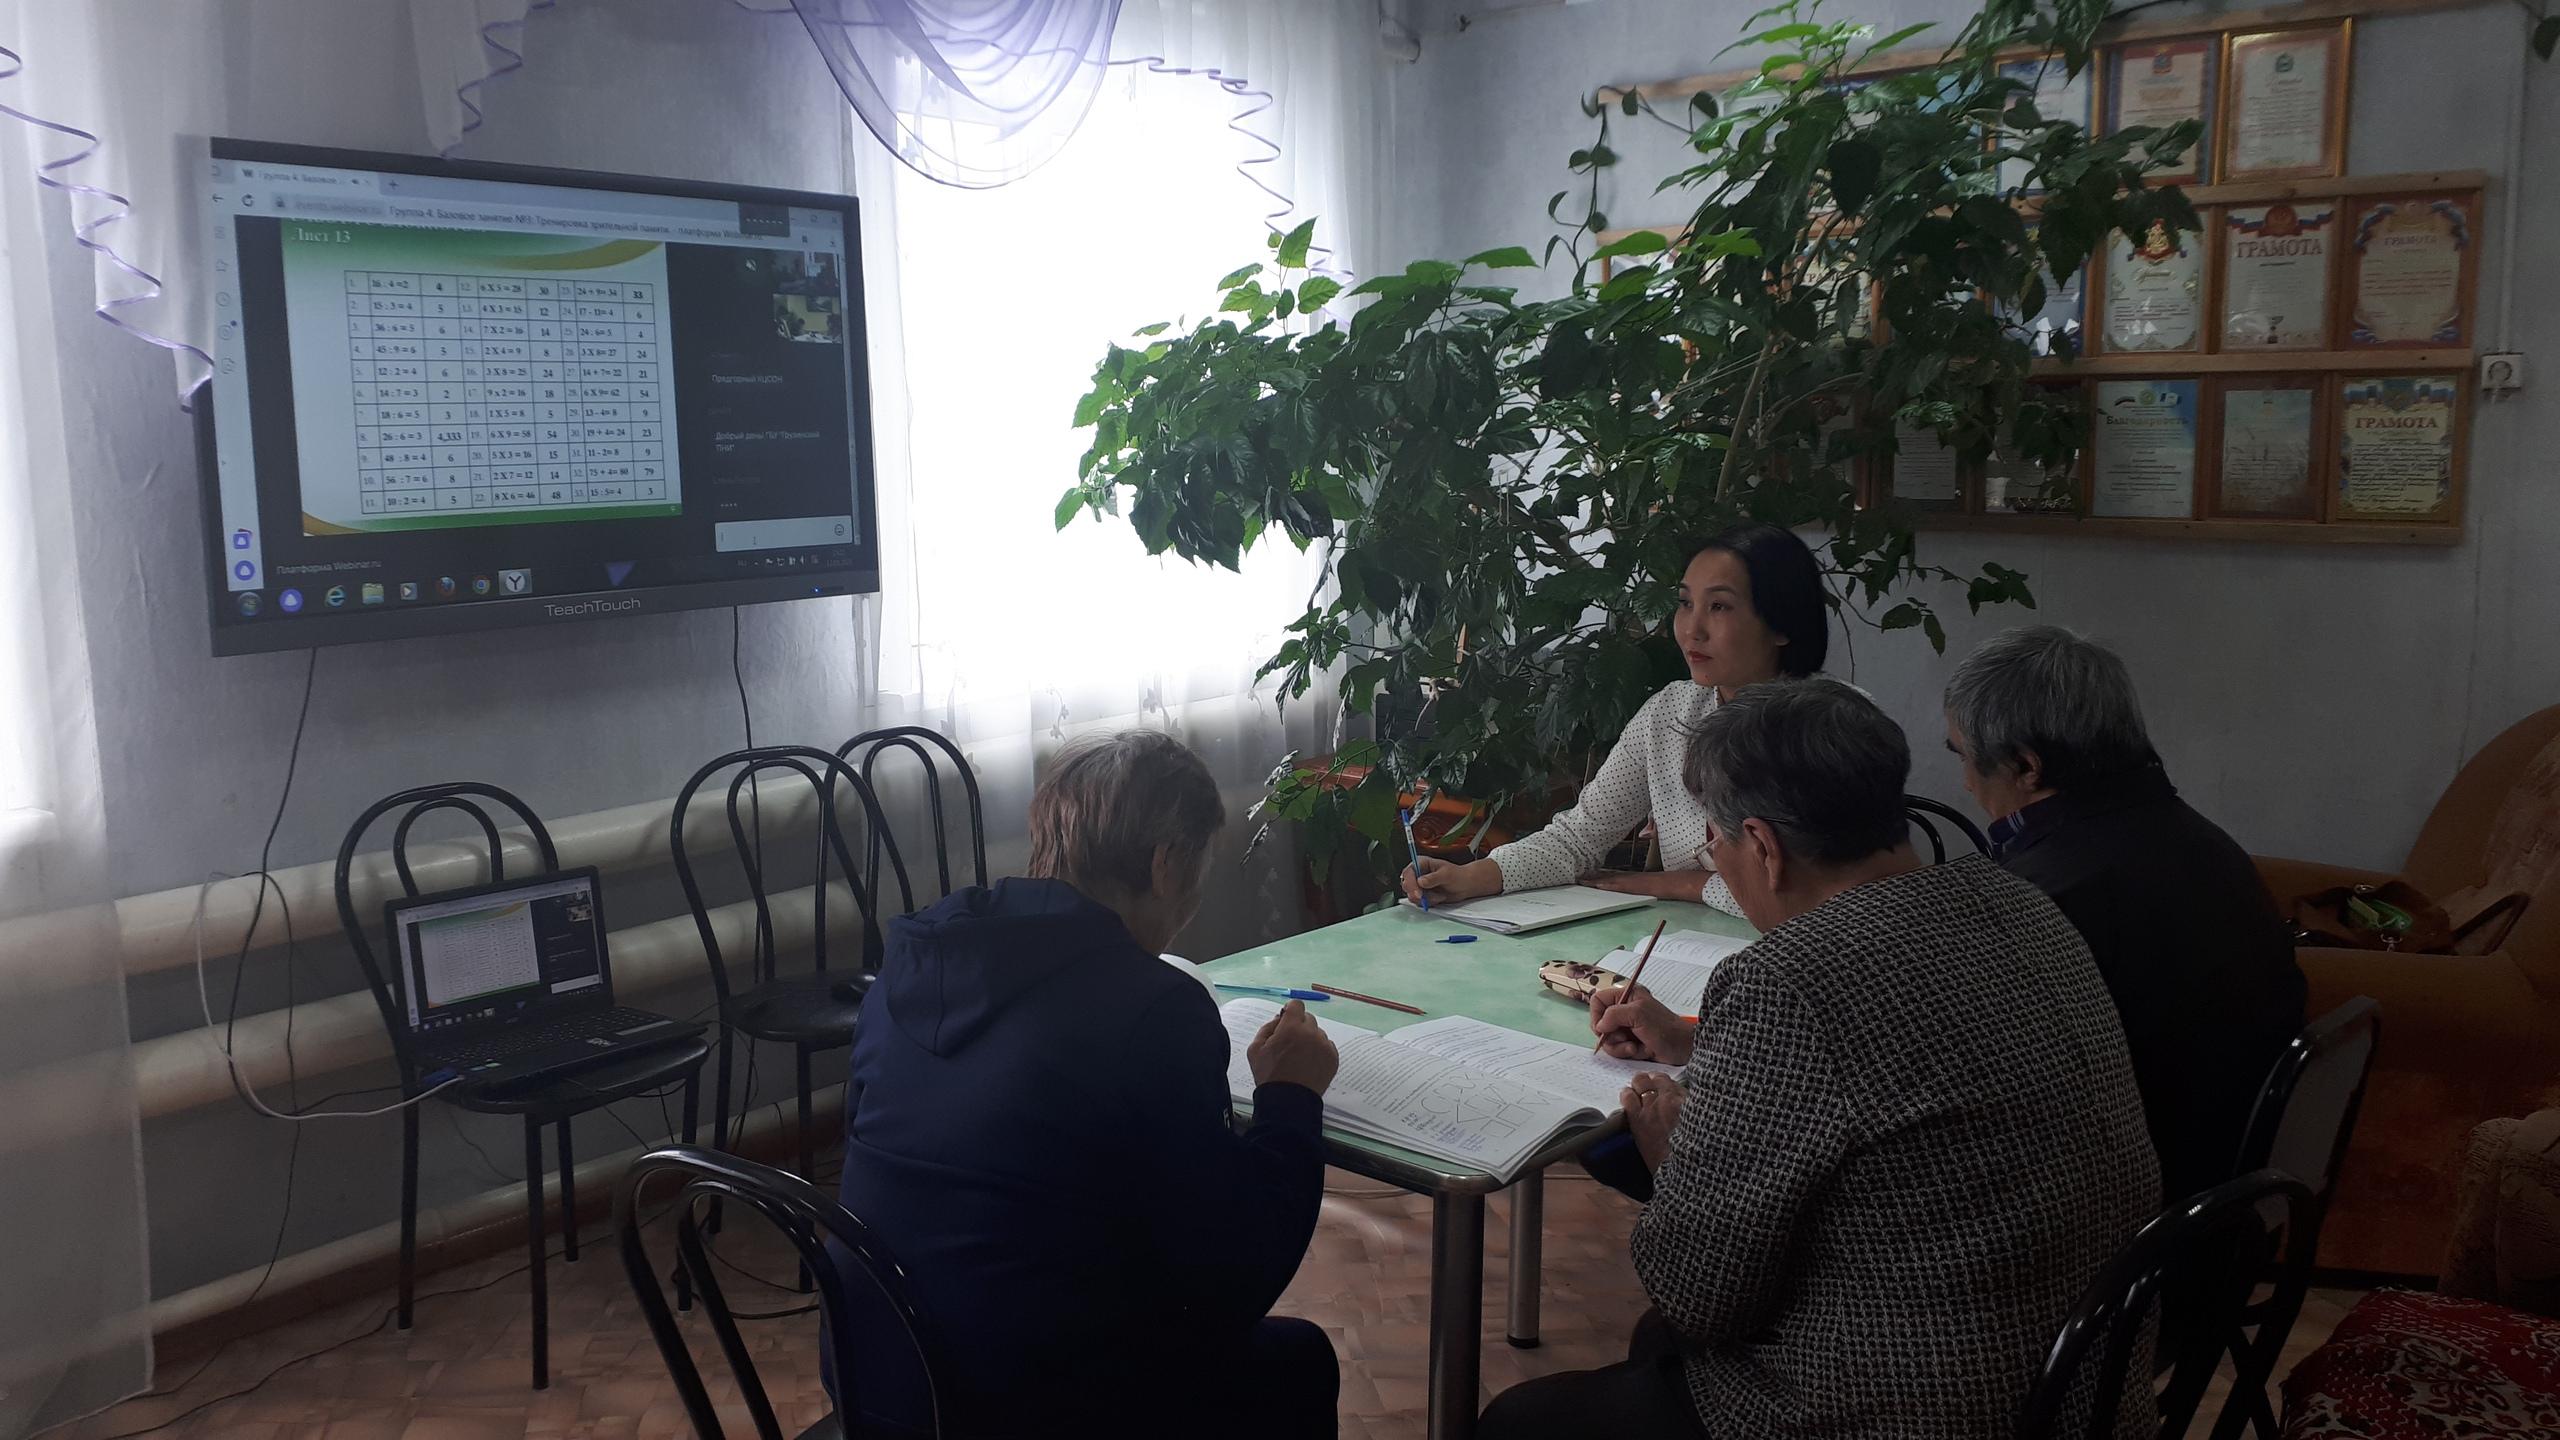 Дистанционный курс в Комплексном центре социального обслуживания населения Баяндаевского района